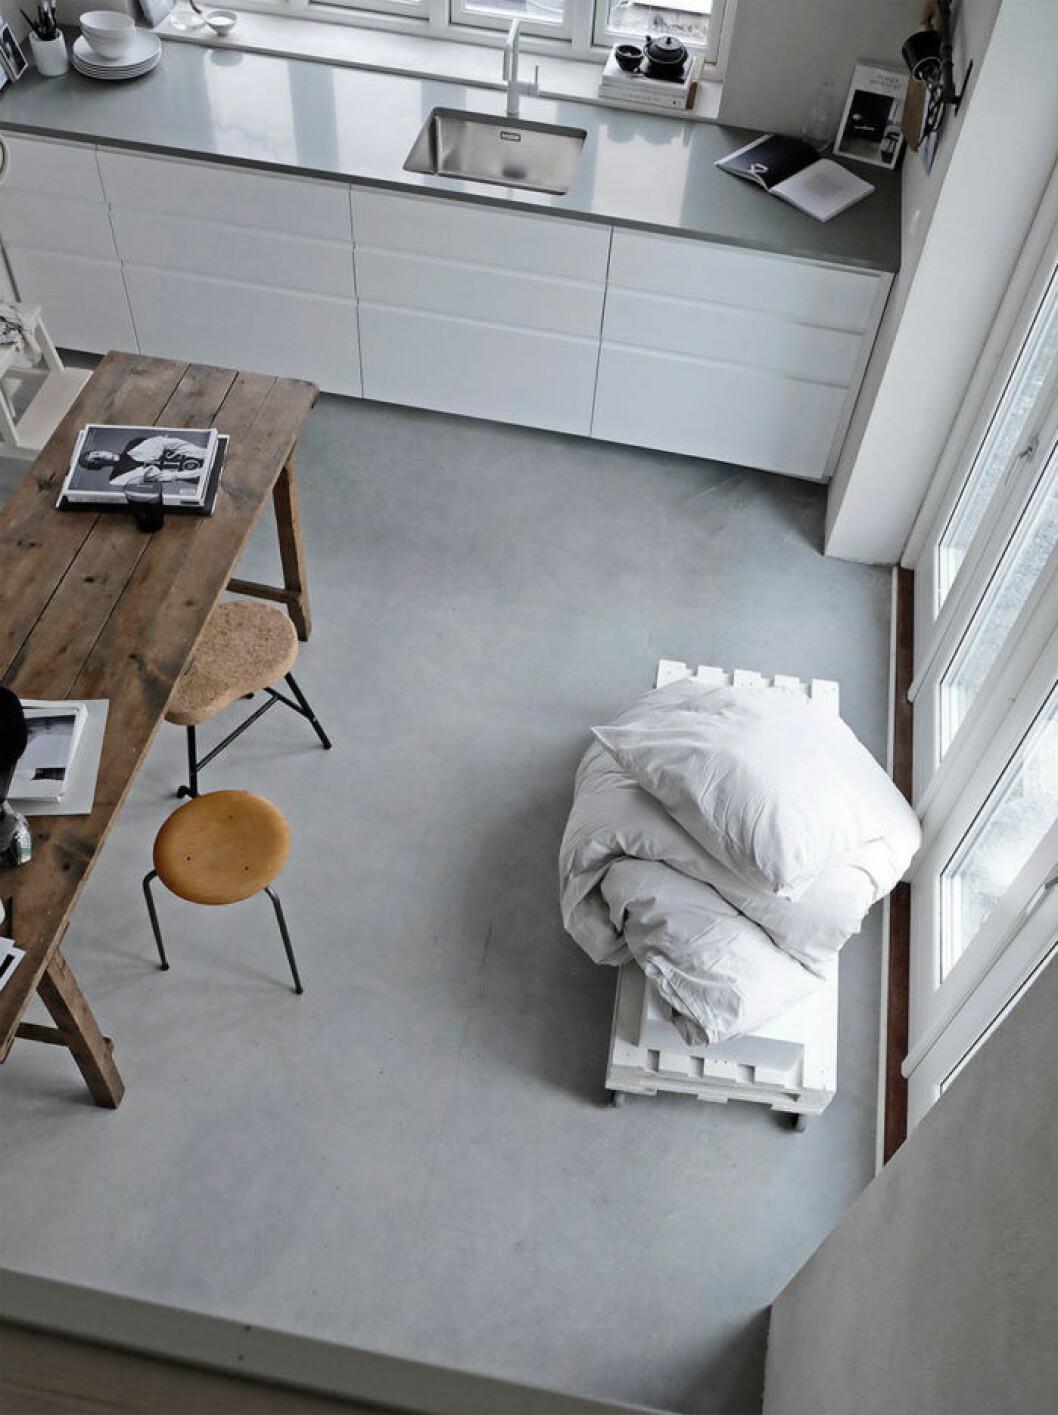 Golvet är betonggrunden som stålglättades direkt efter gjutning. Foto: Pella Hedeby